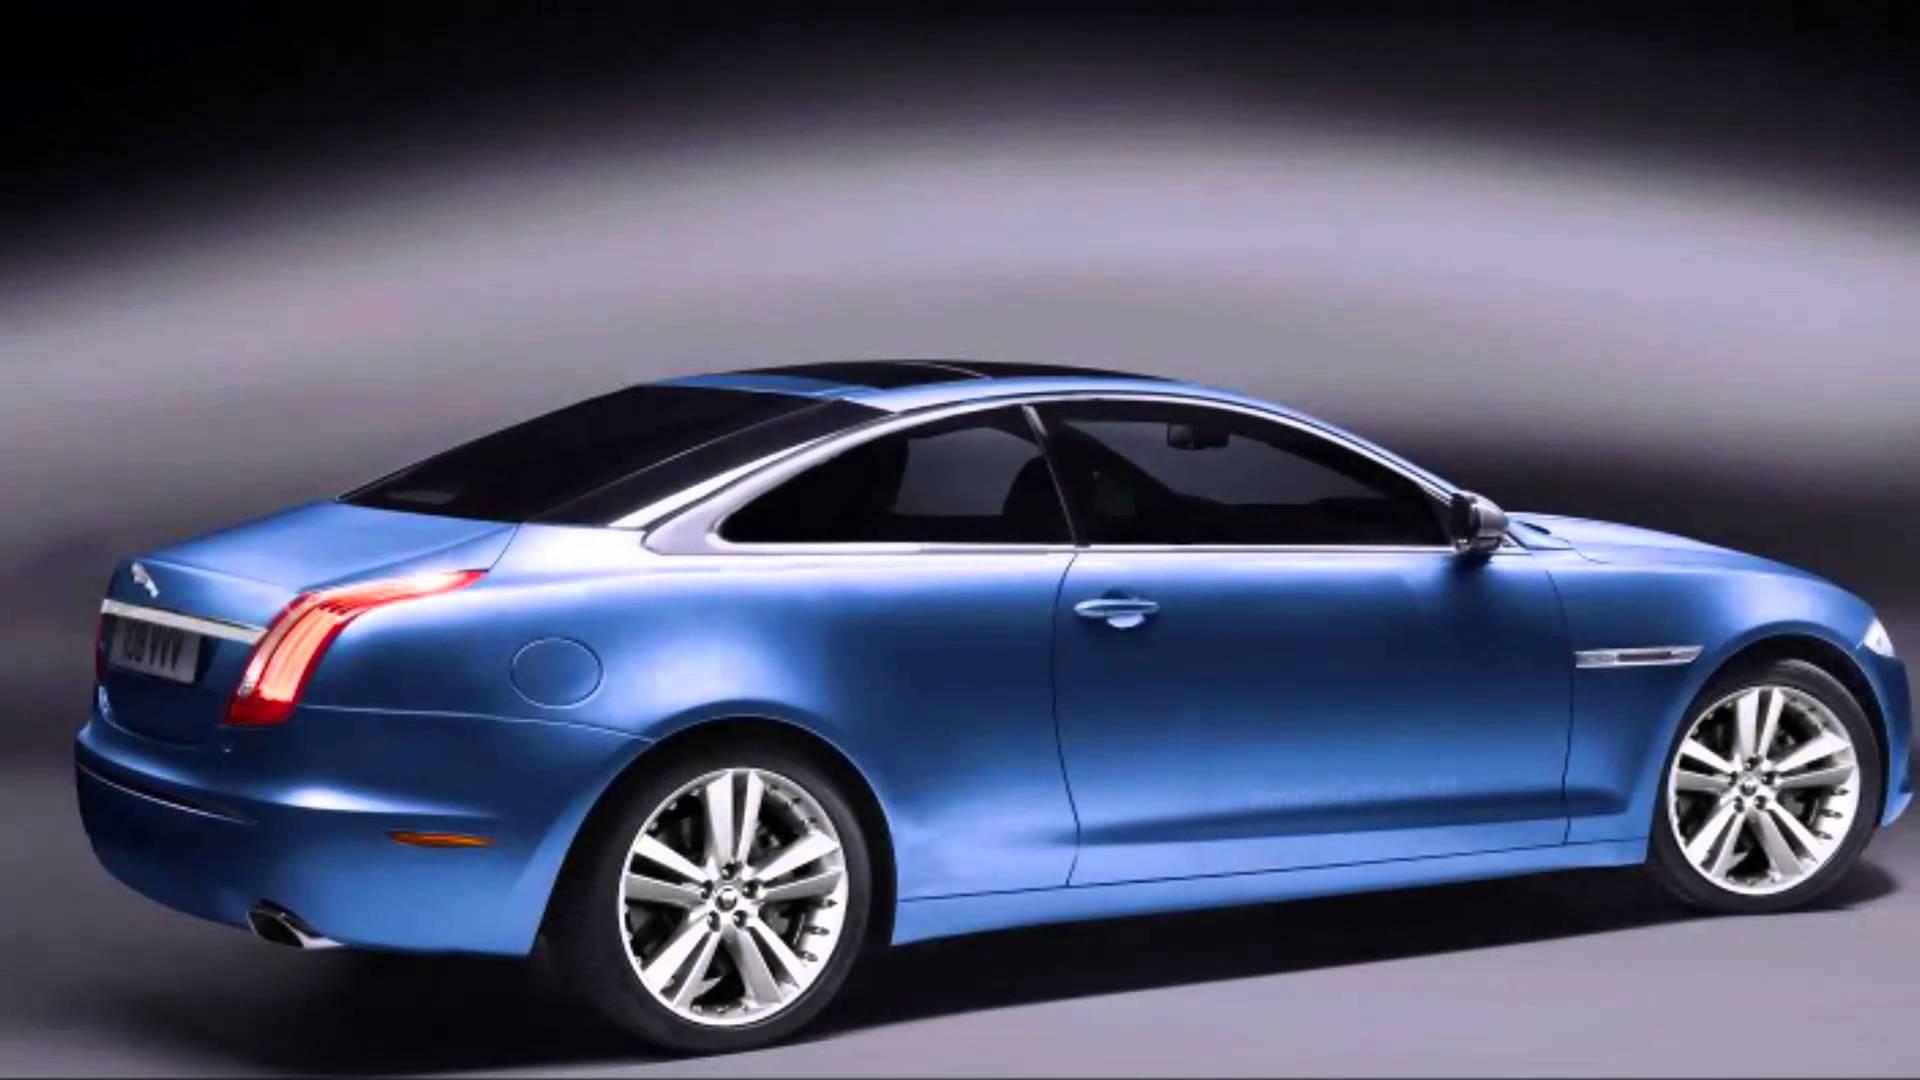 микрорайон новые модели ягуар в кузове купе фото например